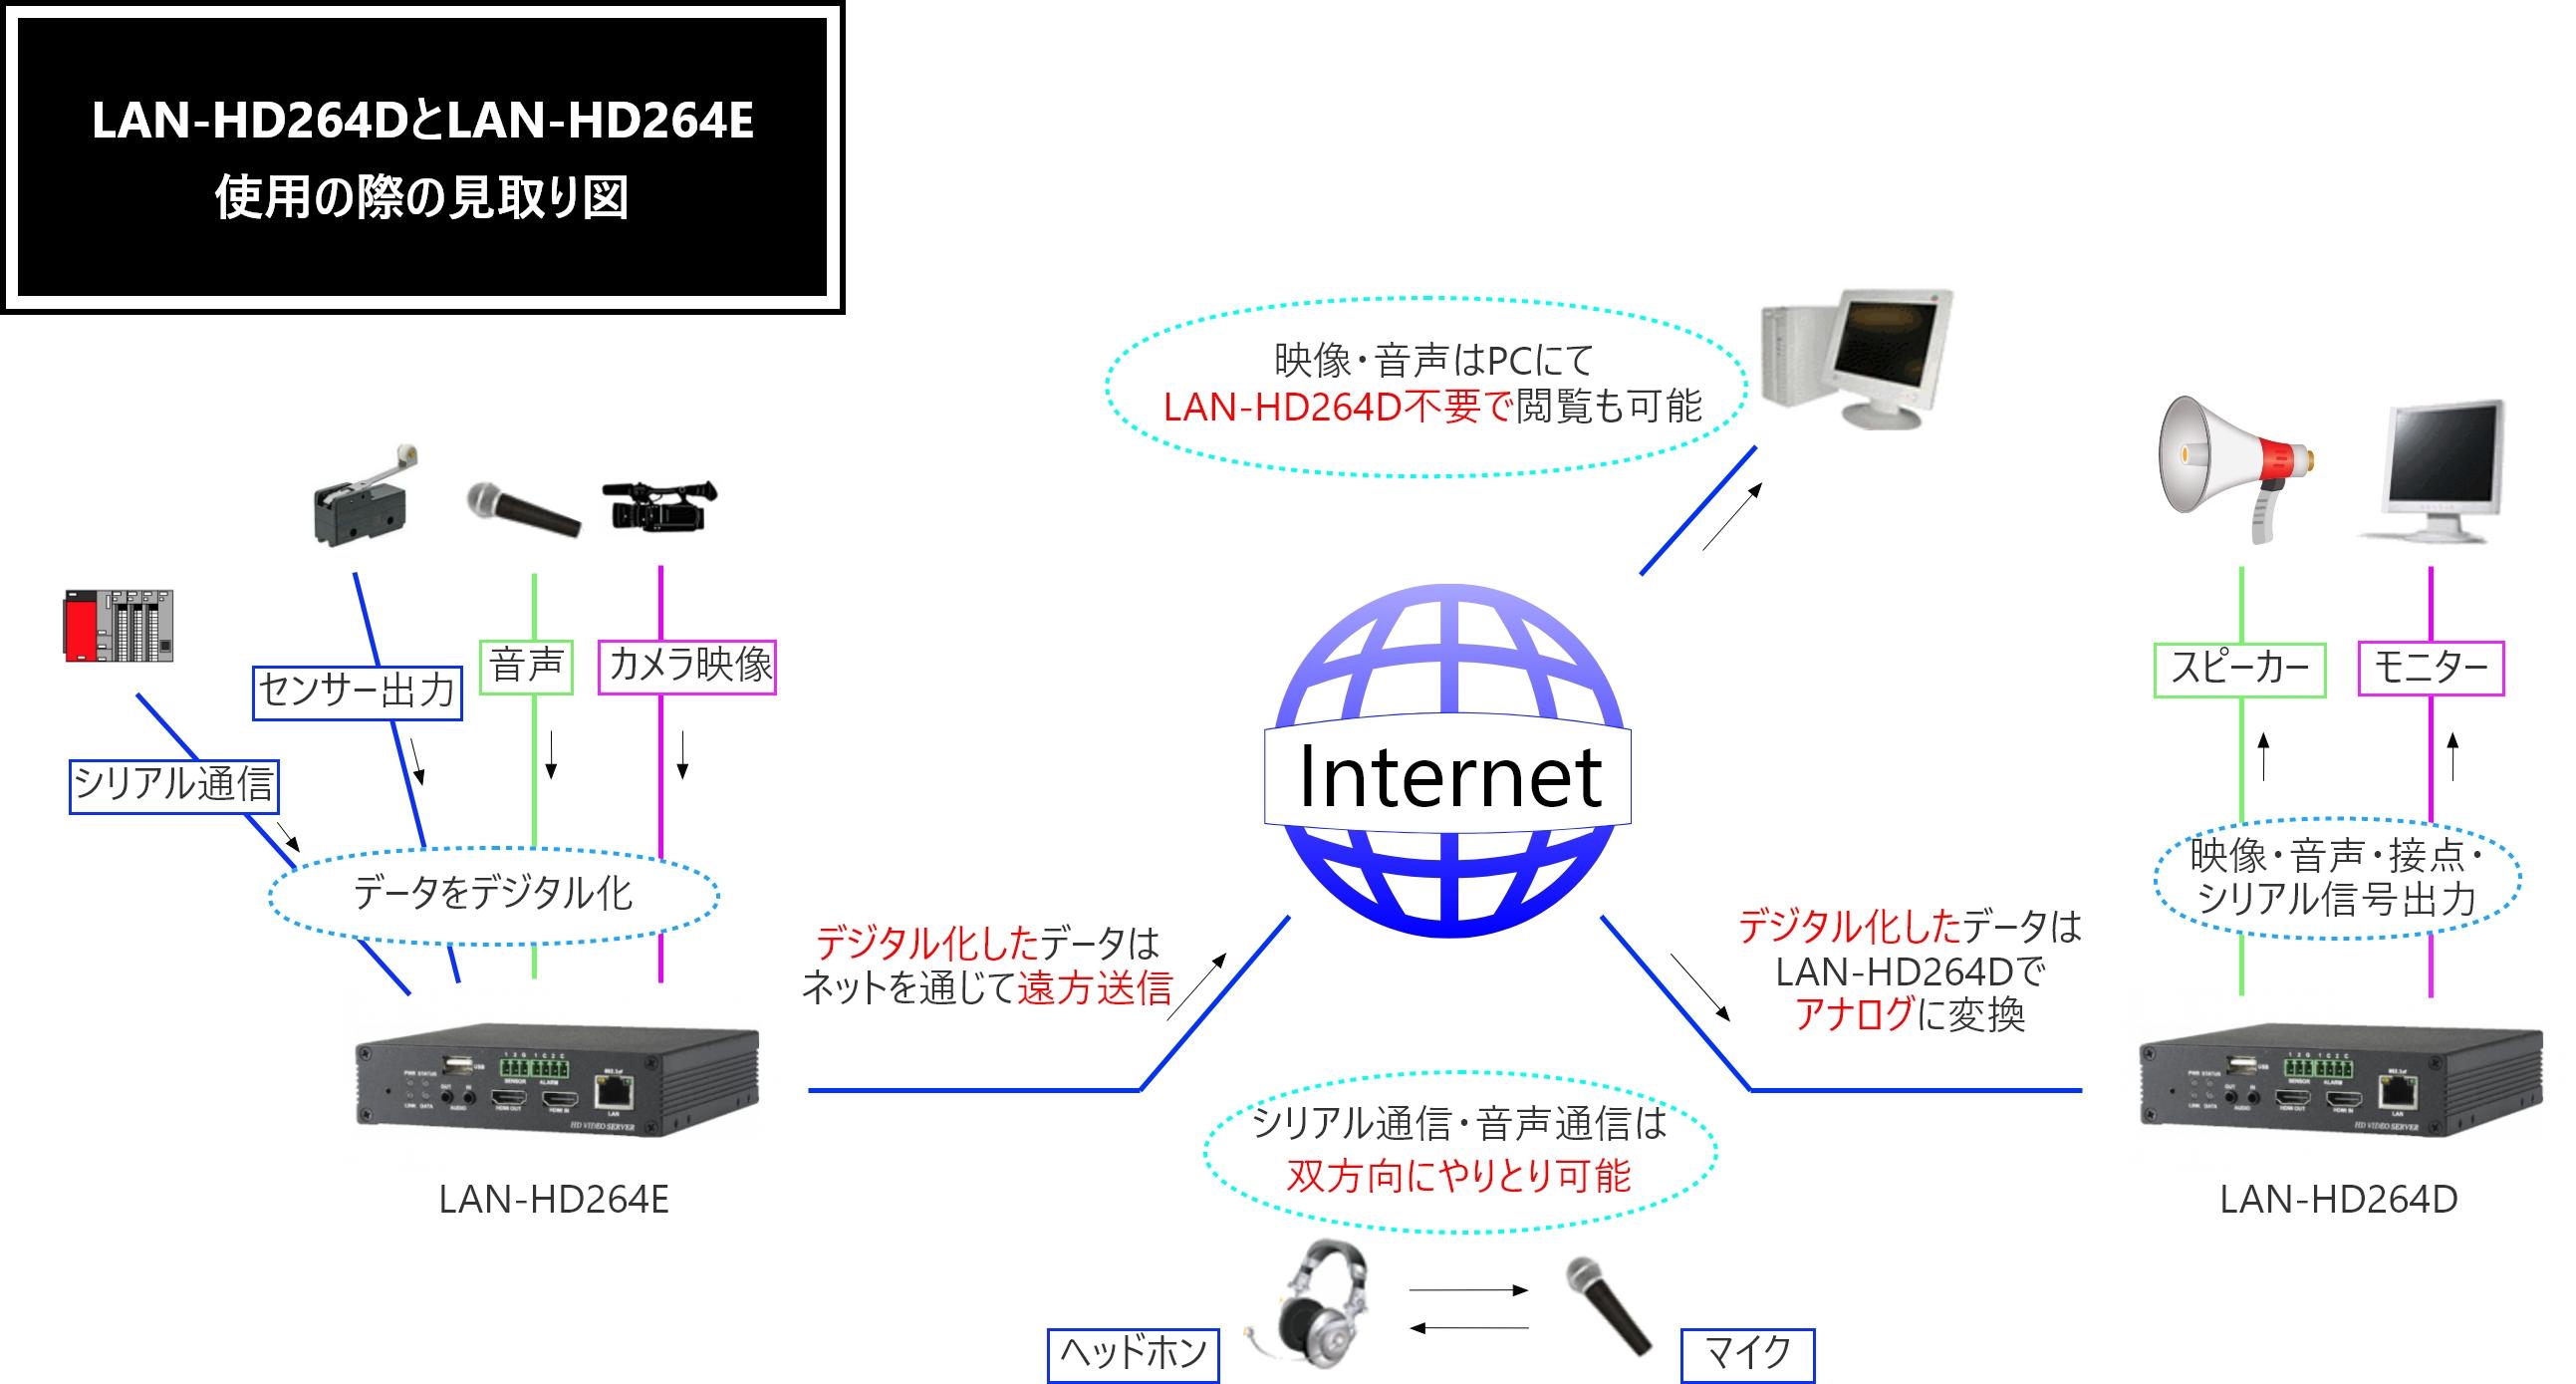 LAN-HD264DとLAN-HD264E仕様の際の見取り図